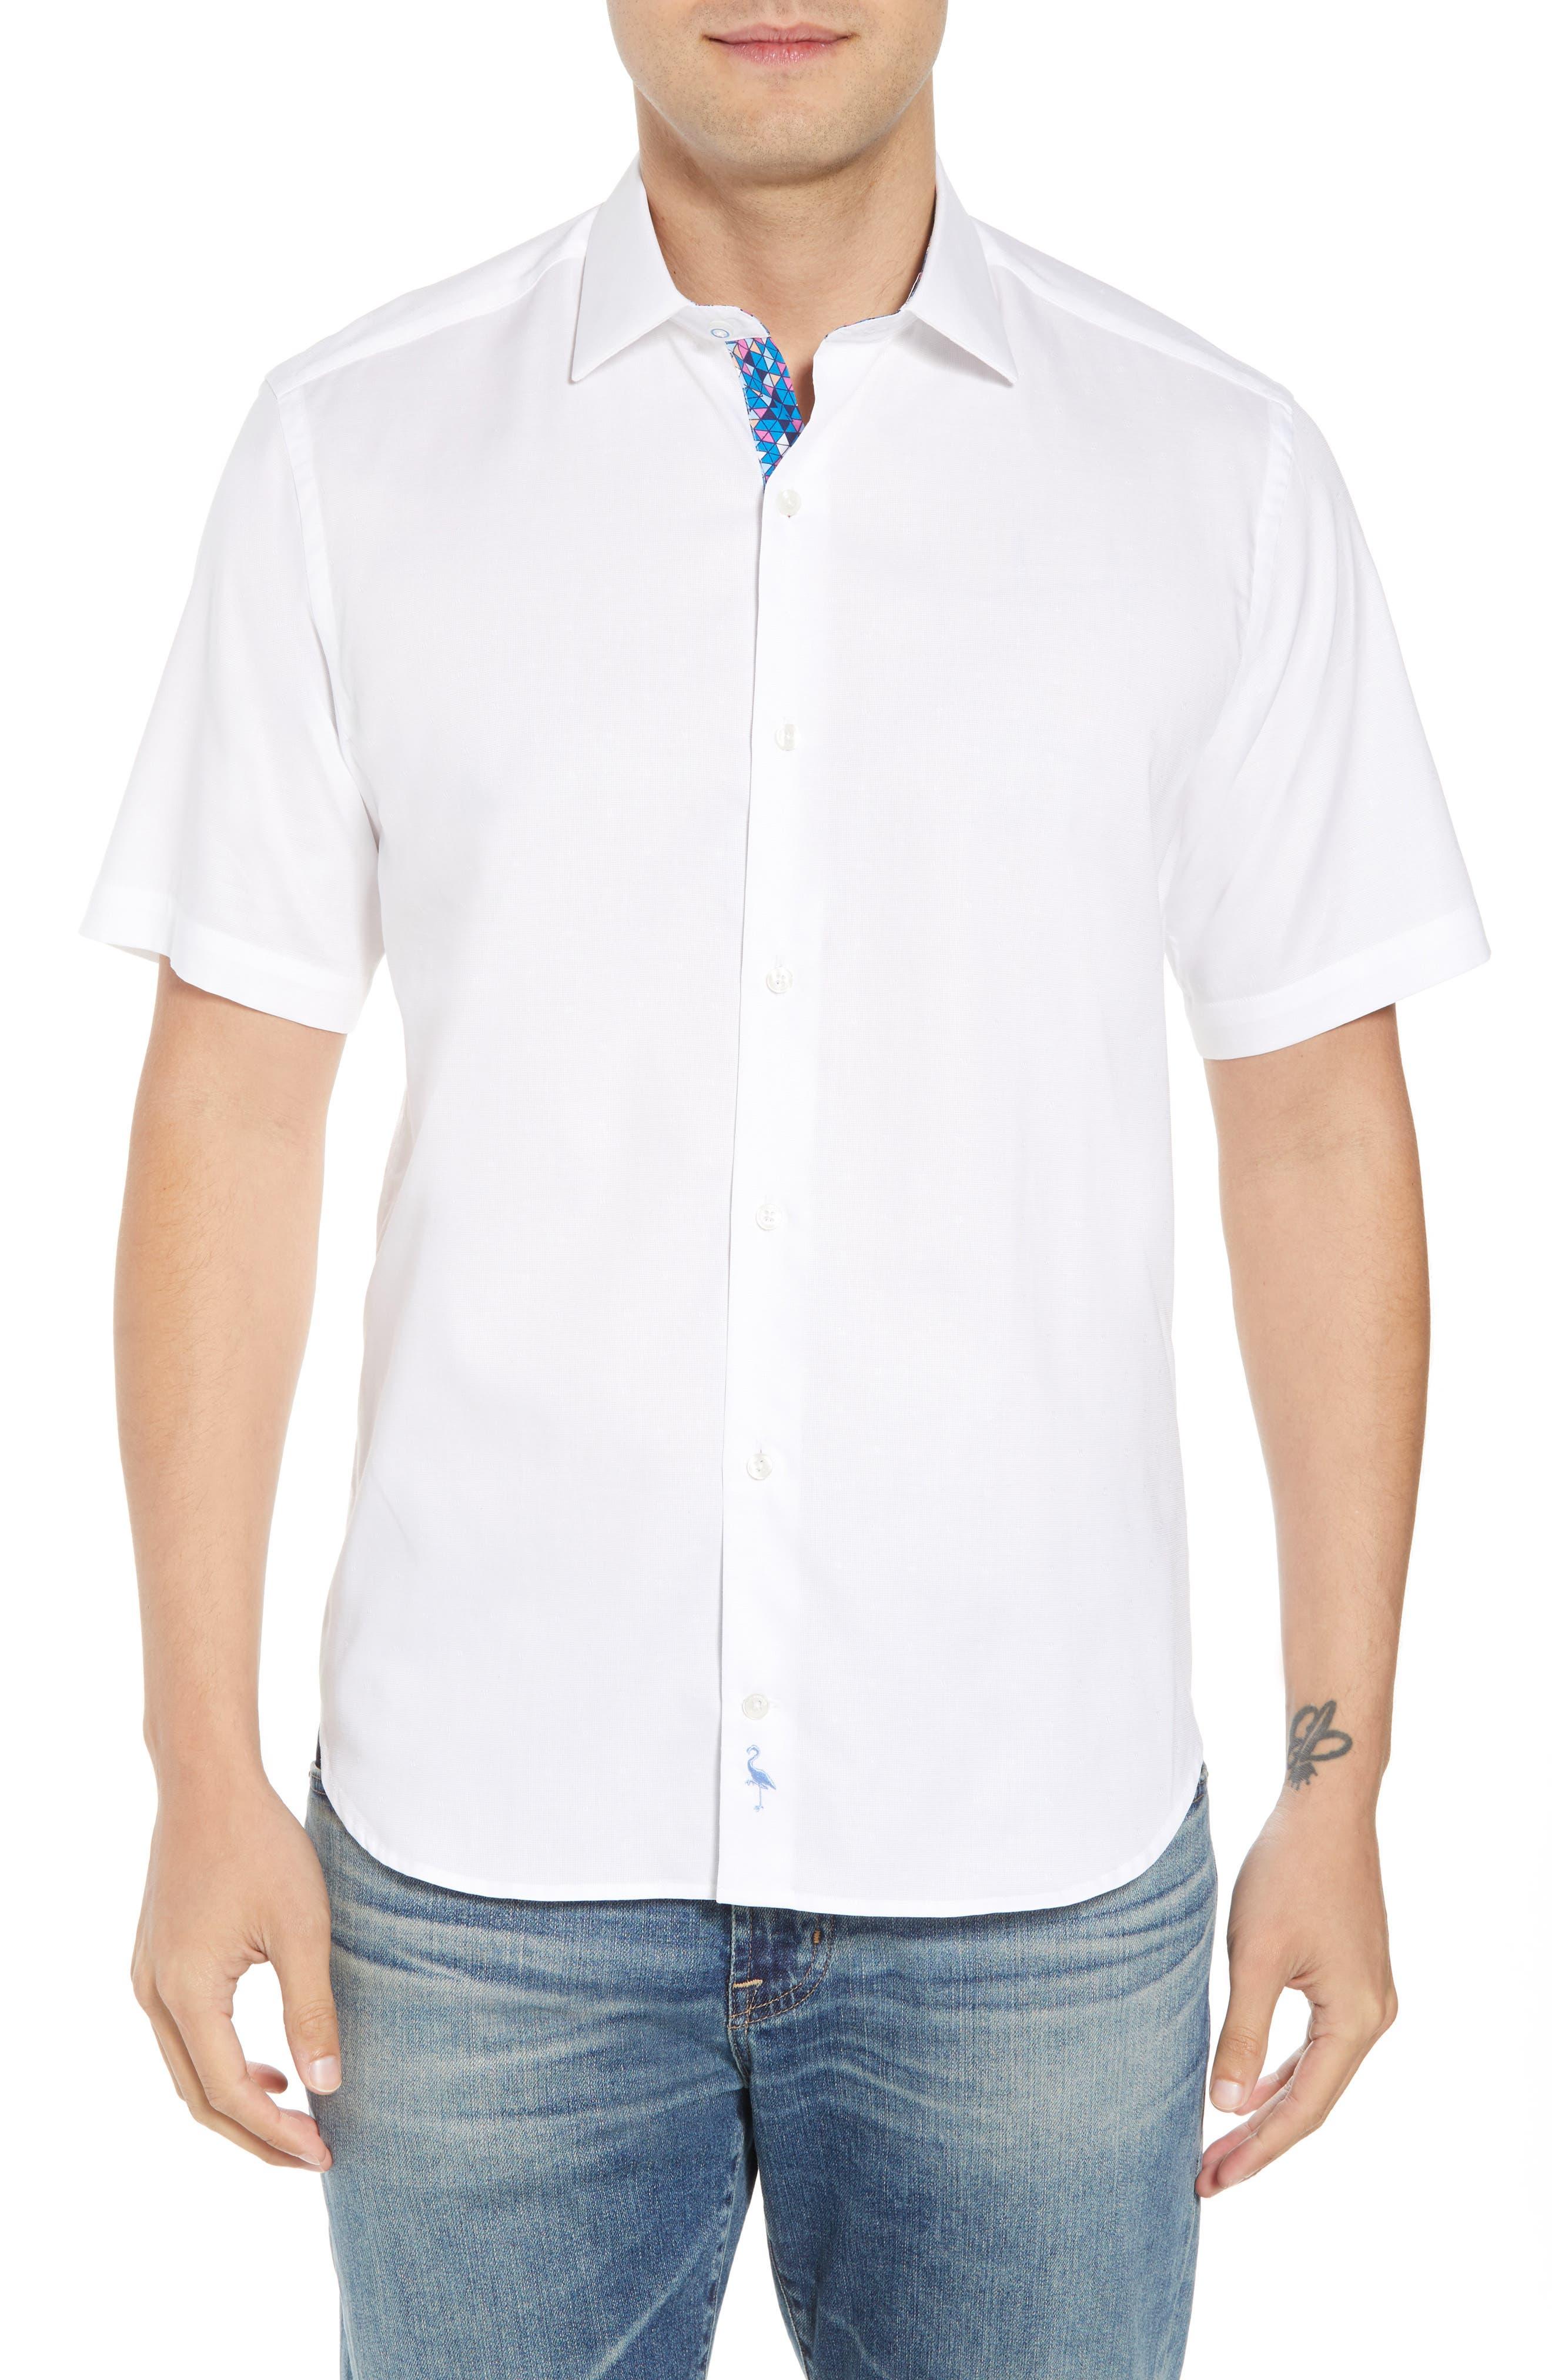 Abbott Regular Fit Sport Shirt,                             Main thumbnail 1, color,                             White